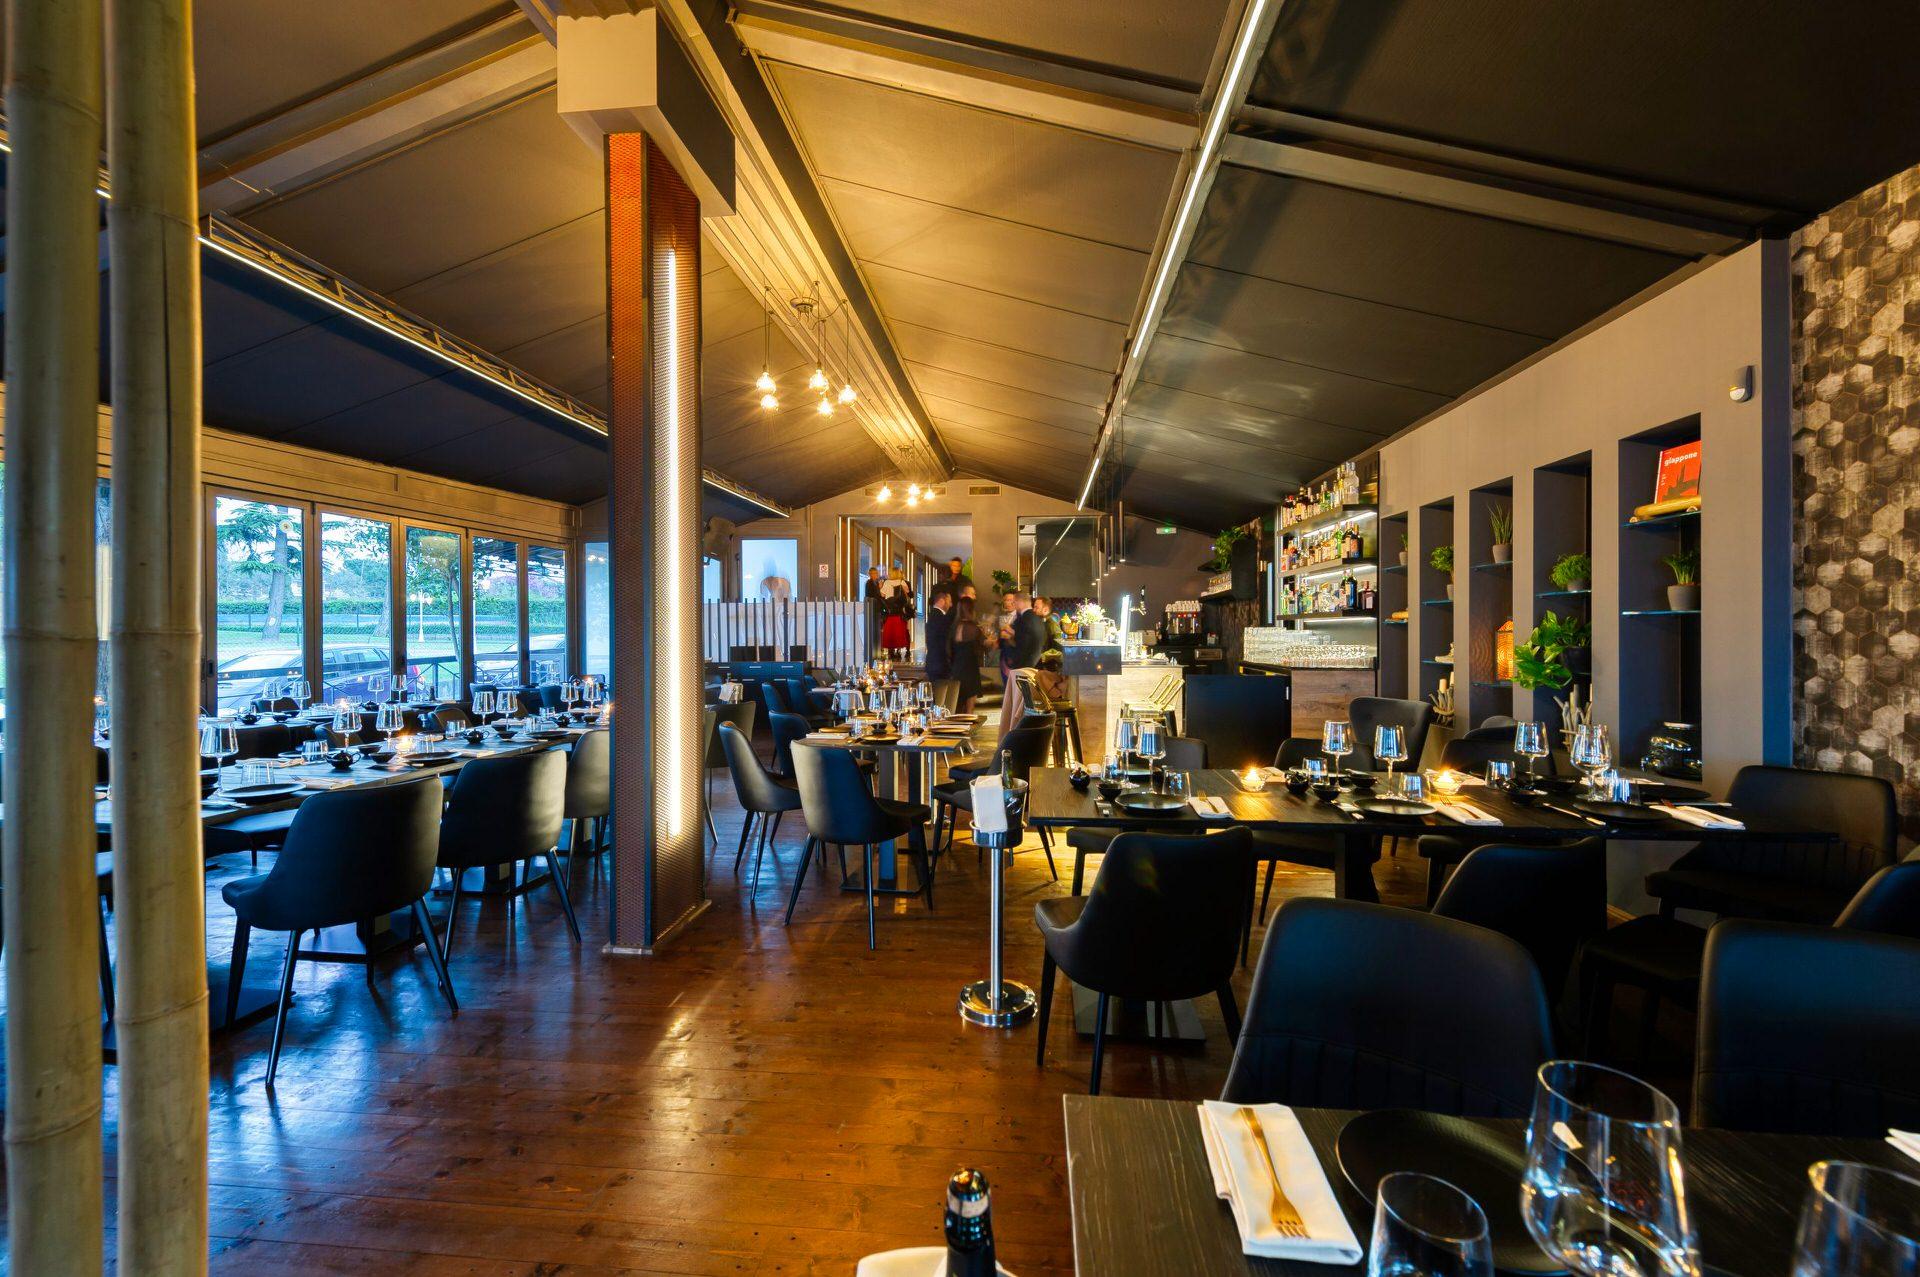 fotografia professionale commerciale interni ristorante brescia